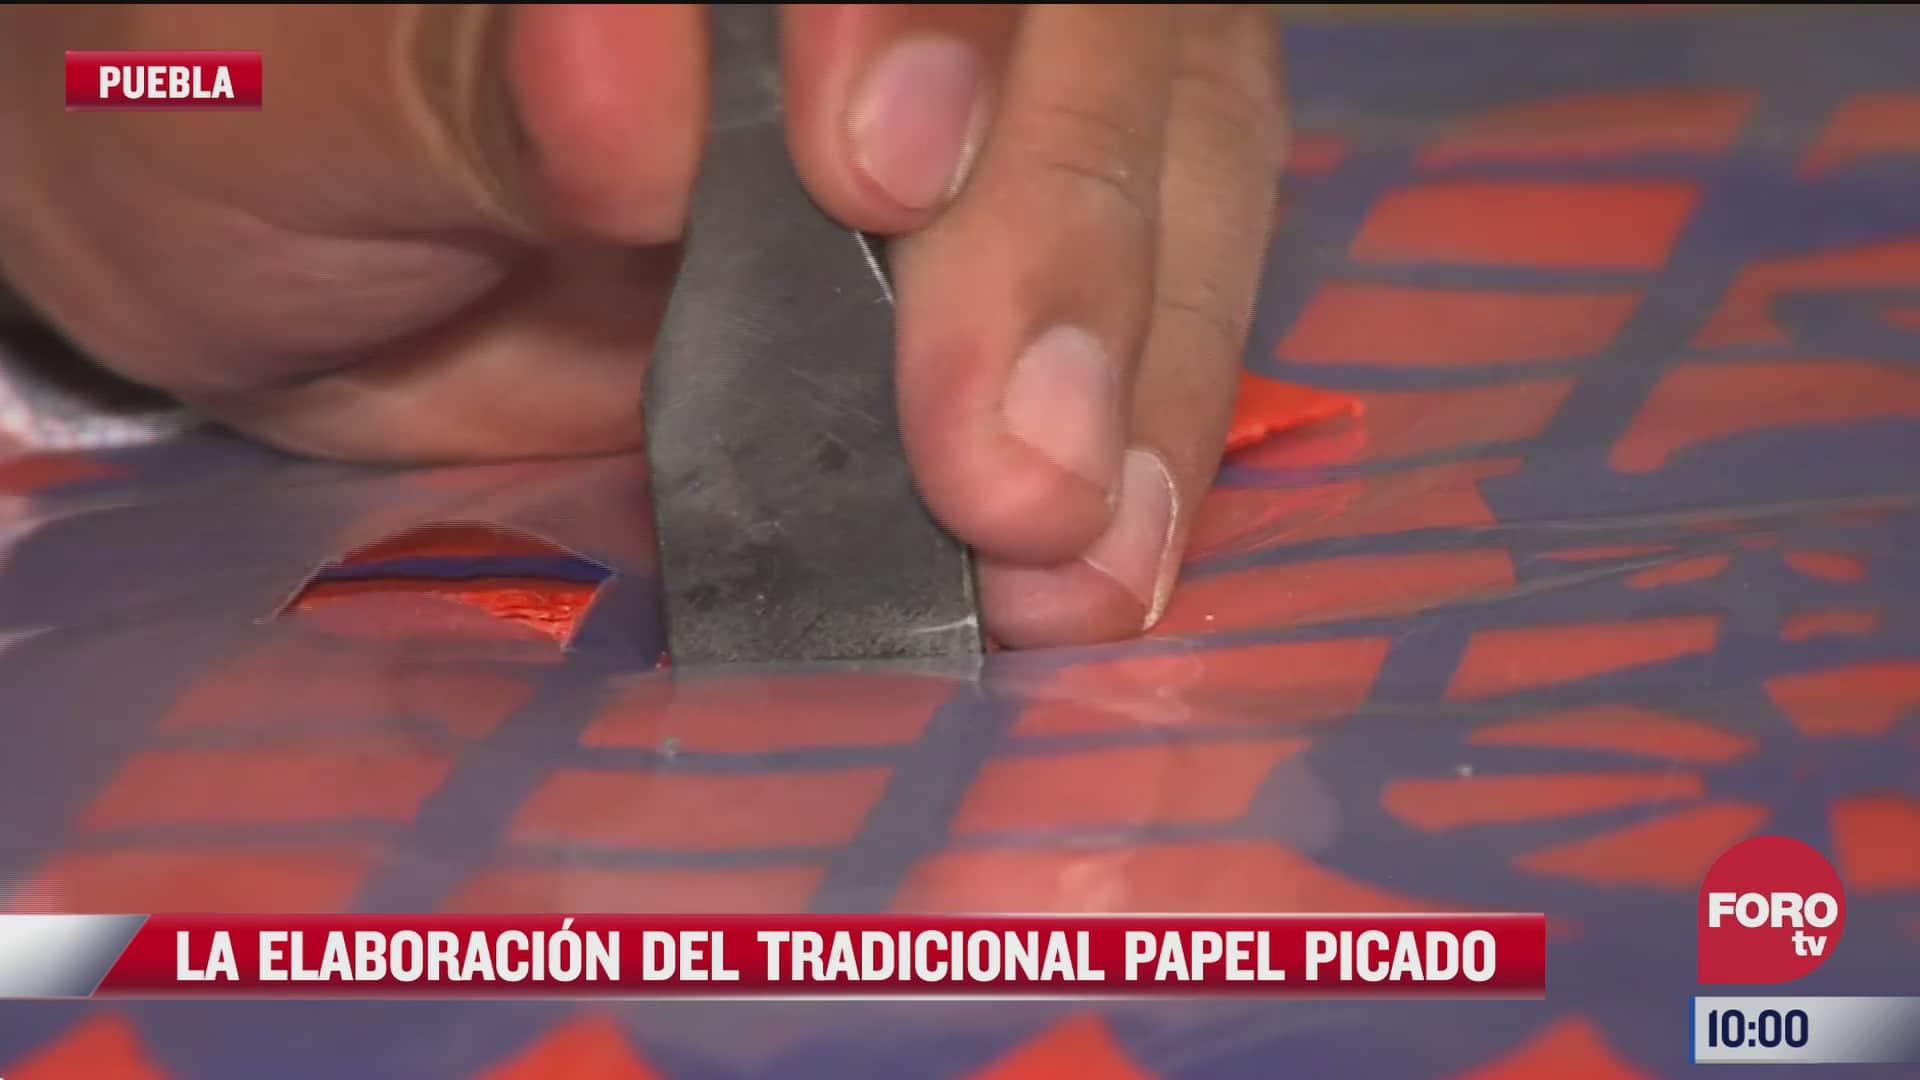 la elaboracion del tradicional papel picado